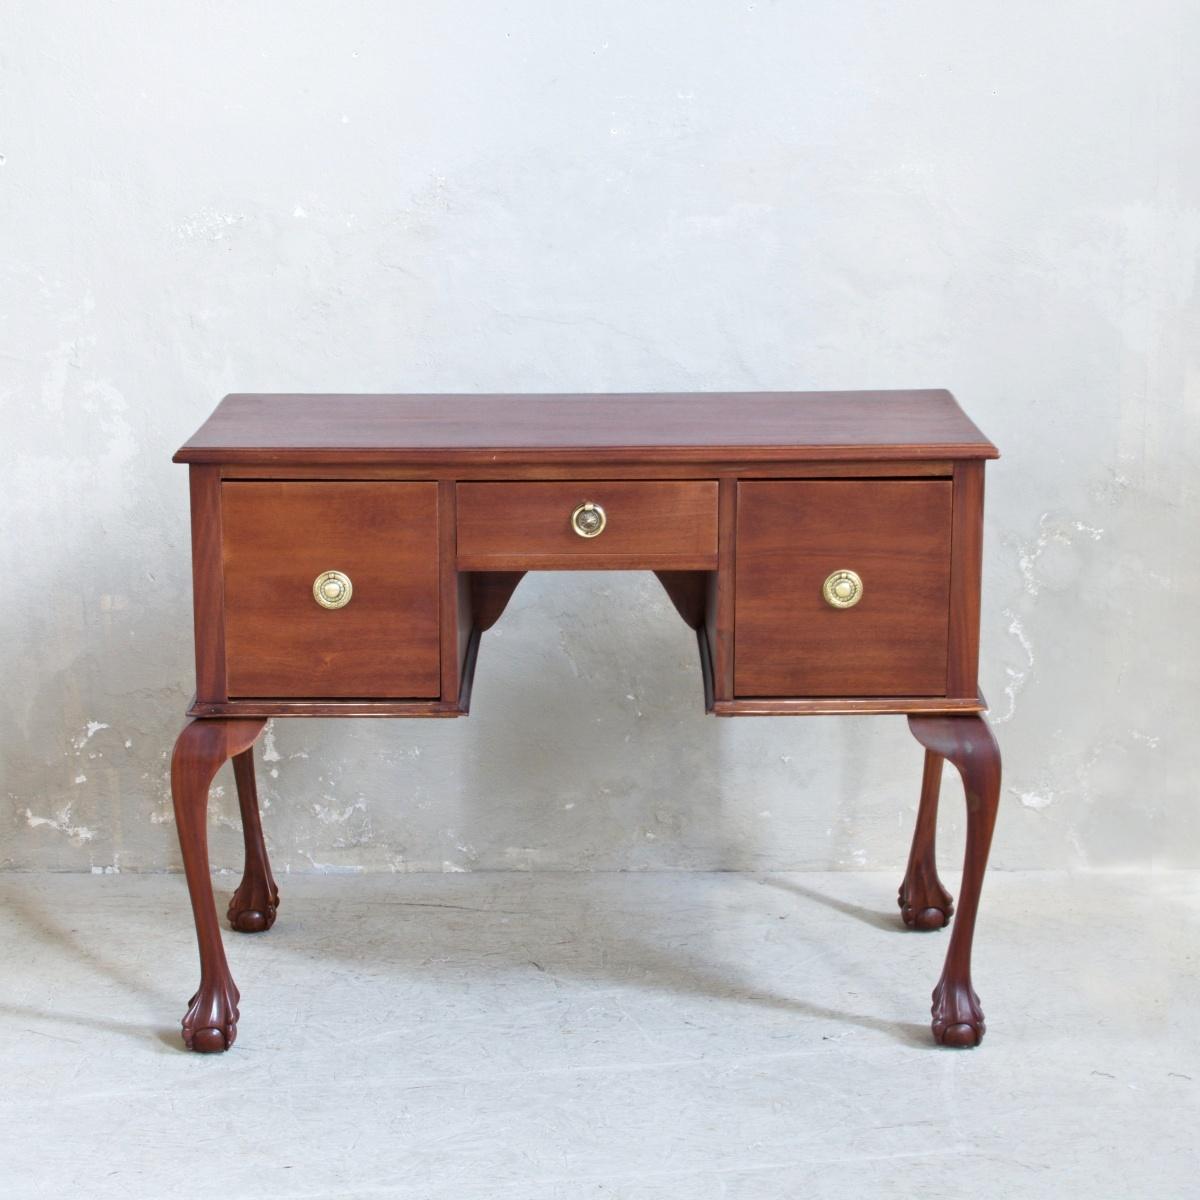 Prodej Anglického nábytku Vintage odkládací stolek